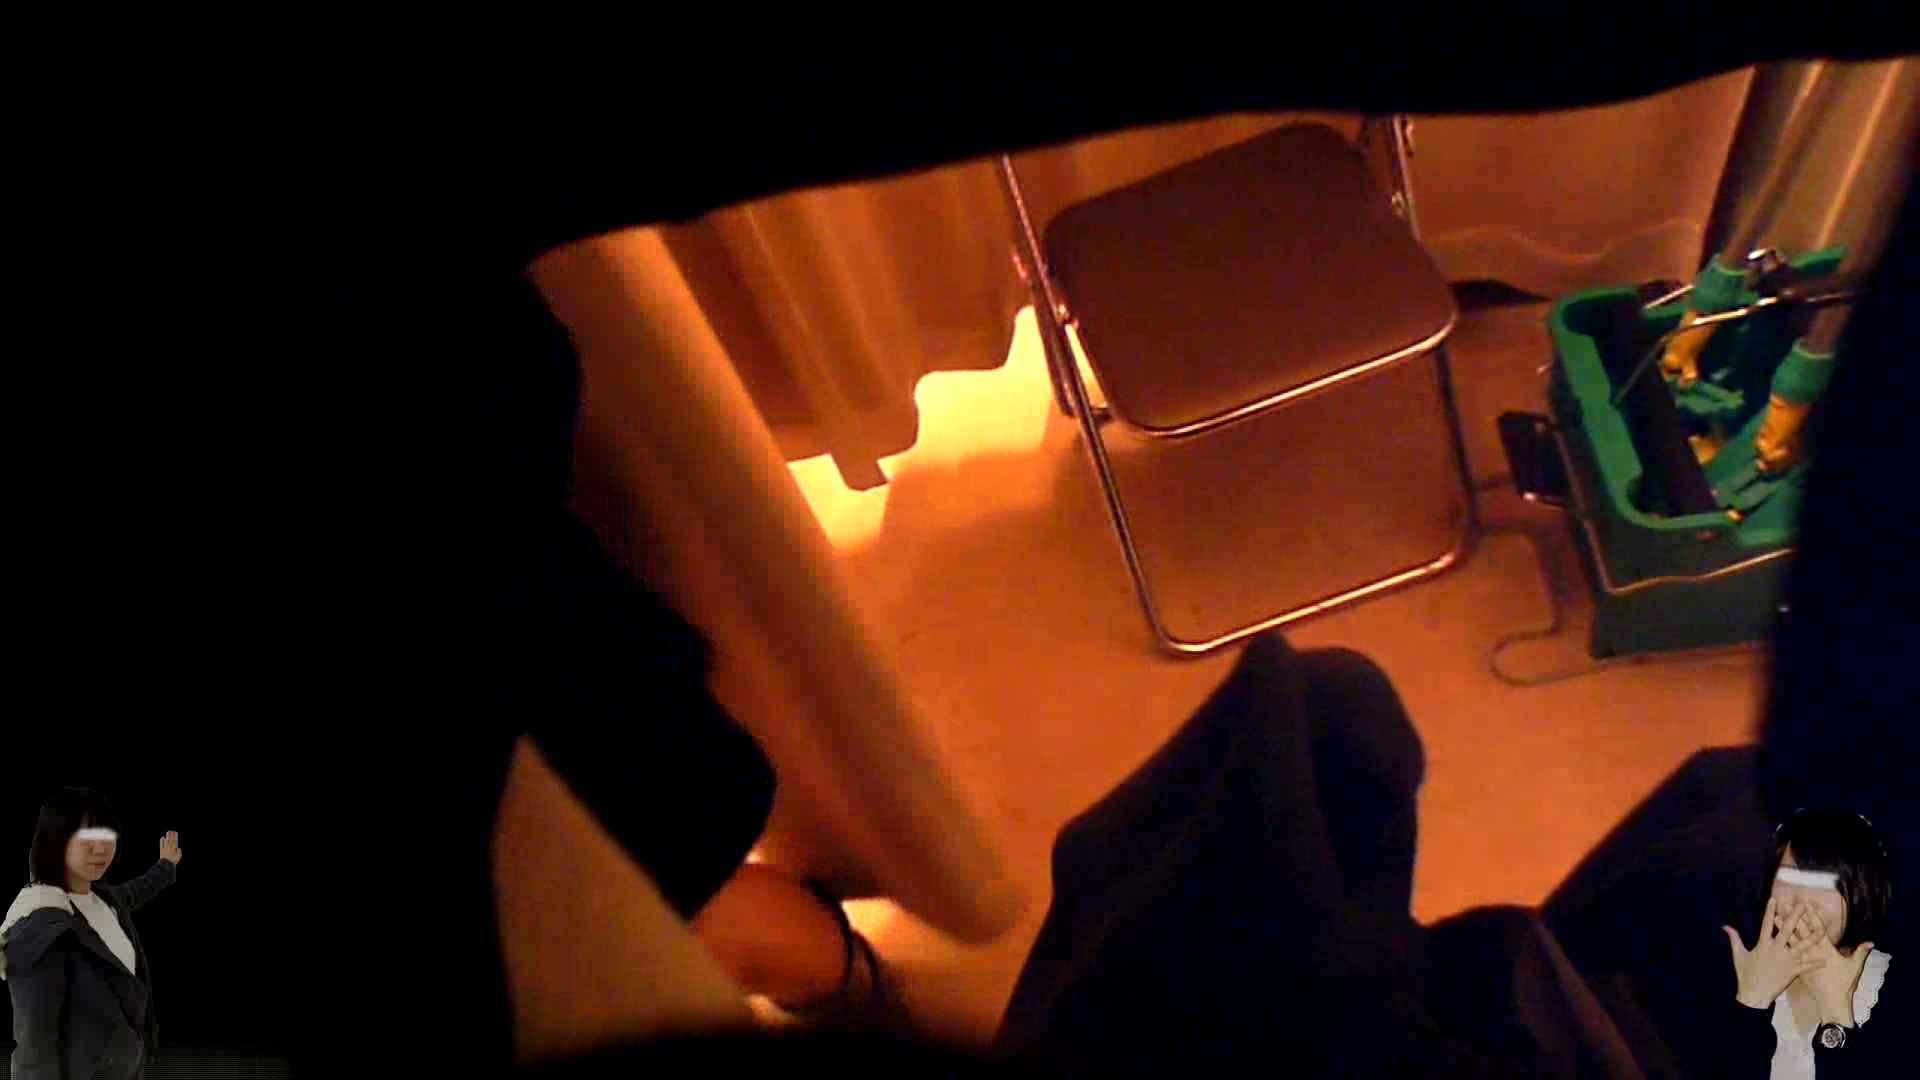 素人投稿 現役「JD」Eちゃんの着替え Vol.04 着替え おまんこ動画流出 107pic 19